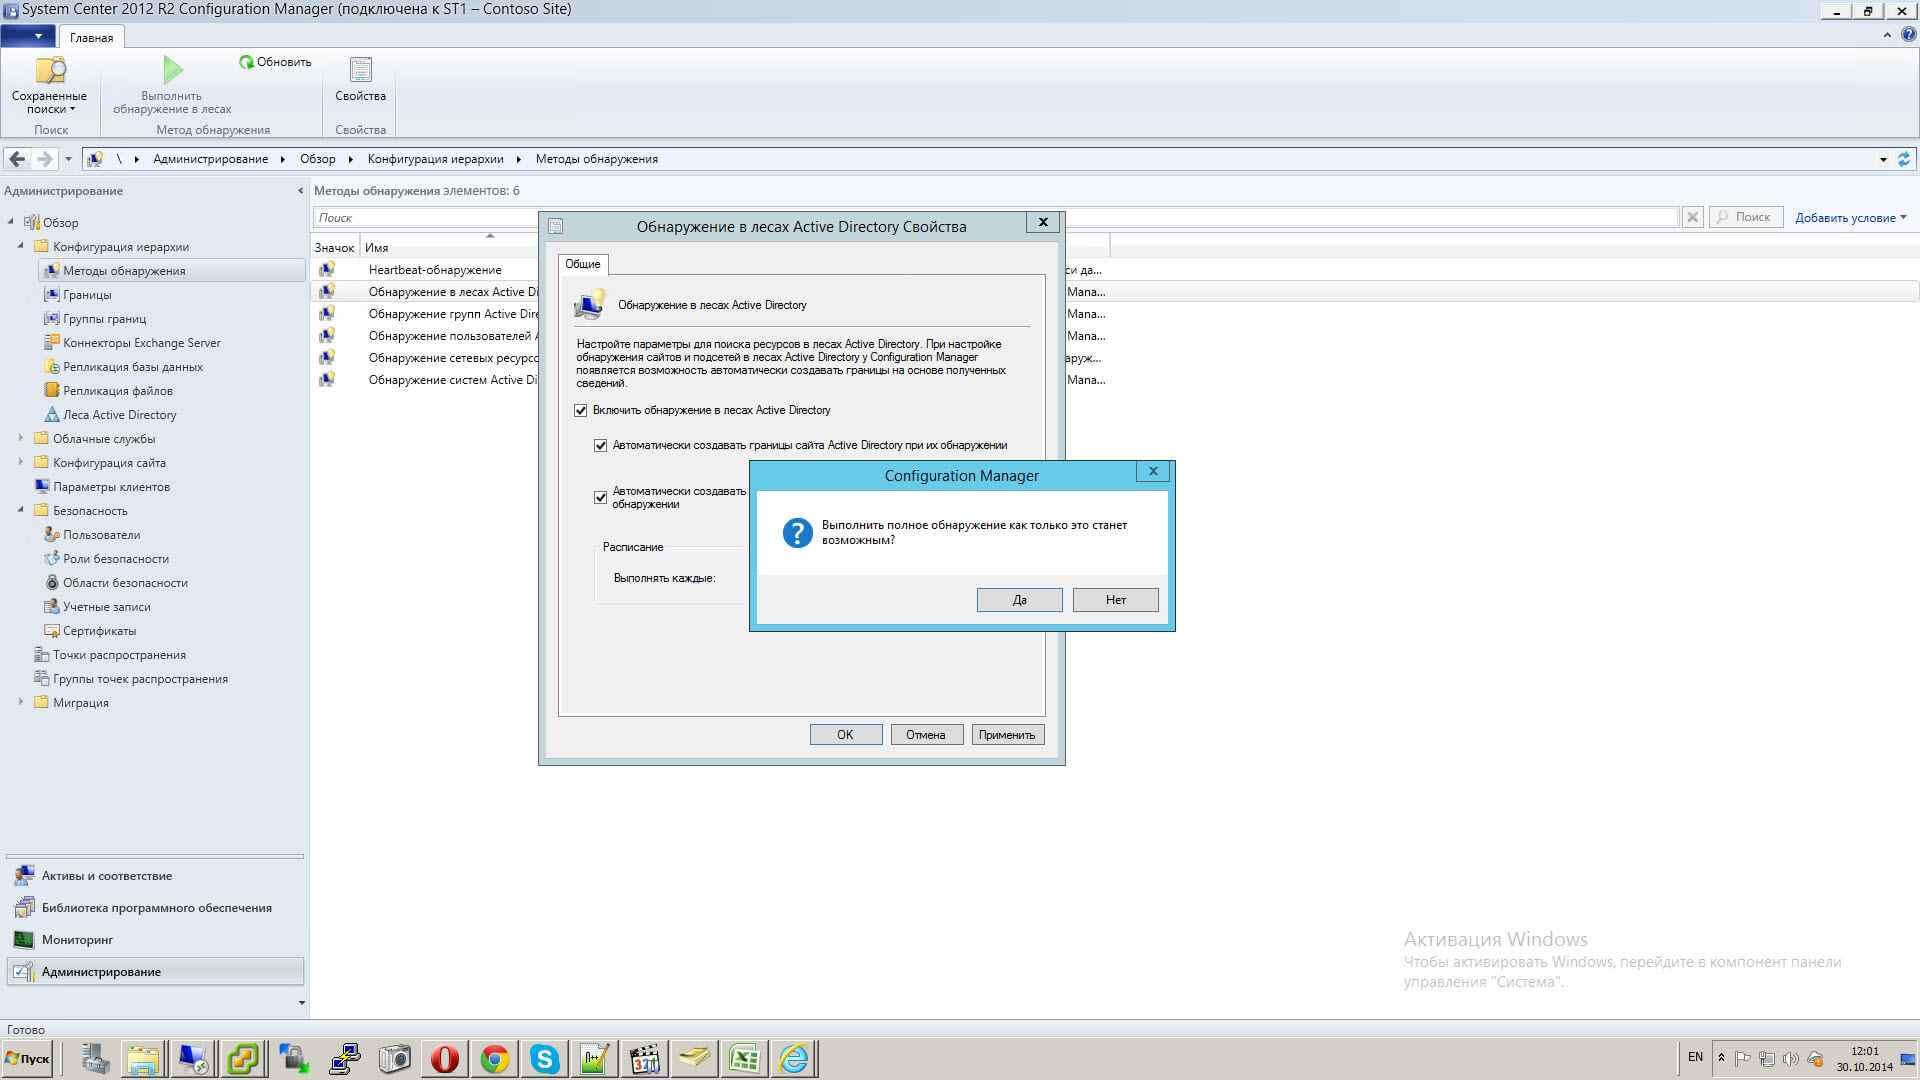 Как установить SCCM (System Center Configuration Manager) 2012R2 в windows server 2012R2 -3 часть. Базовая настройка site server-06